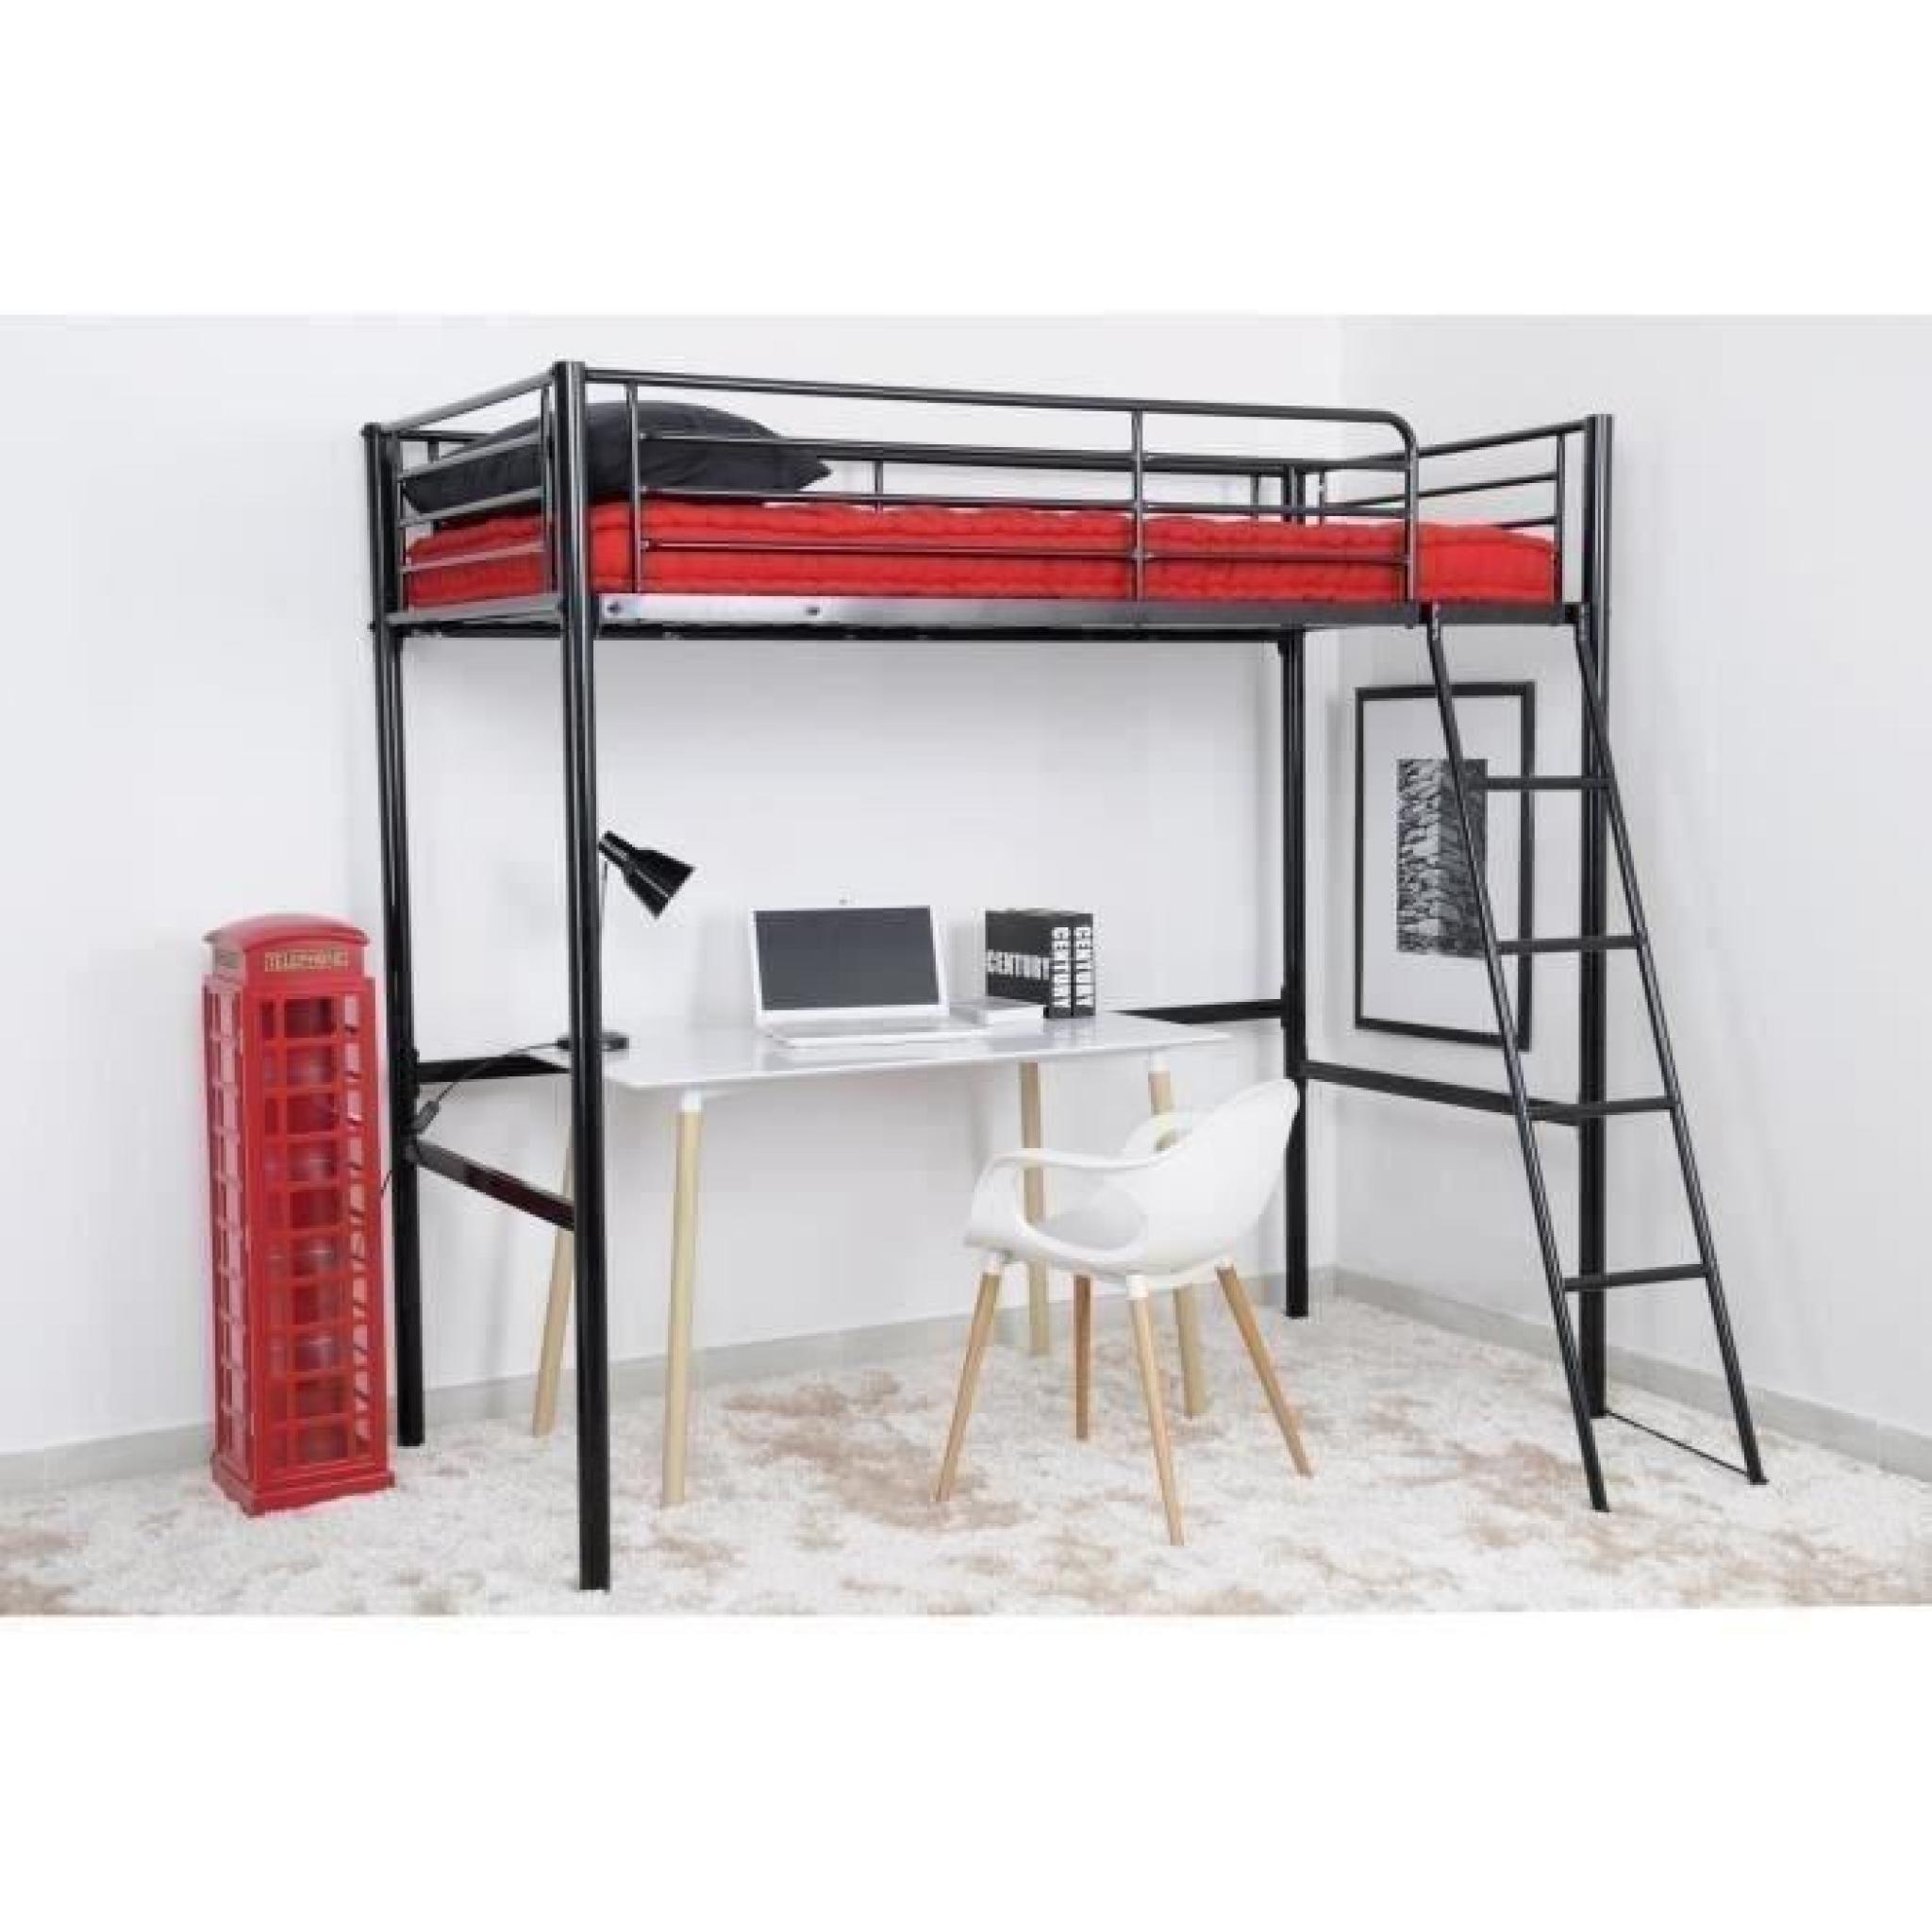 lit mezzanine une personne lit mezzanine ik a une personne chambre coucher j lit mezzanine une. Black Bedroom Furniture Sets. Home Design Ideas